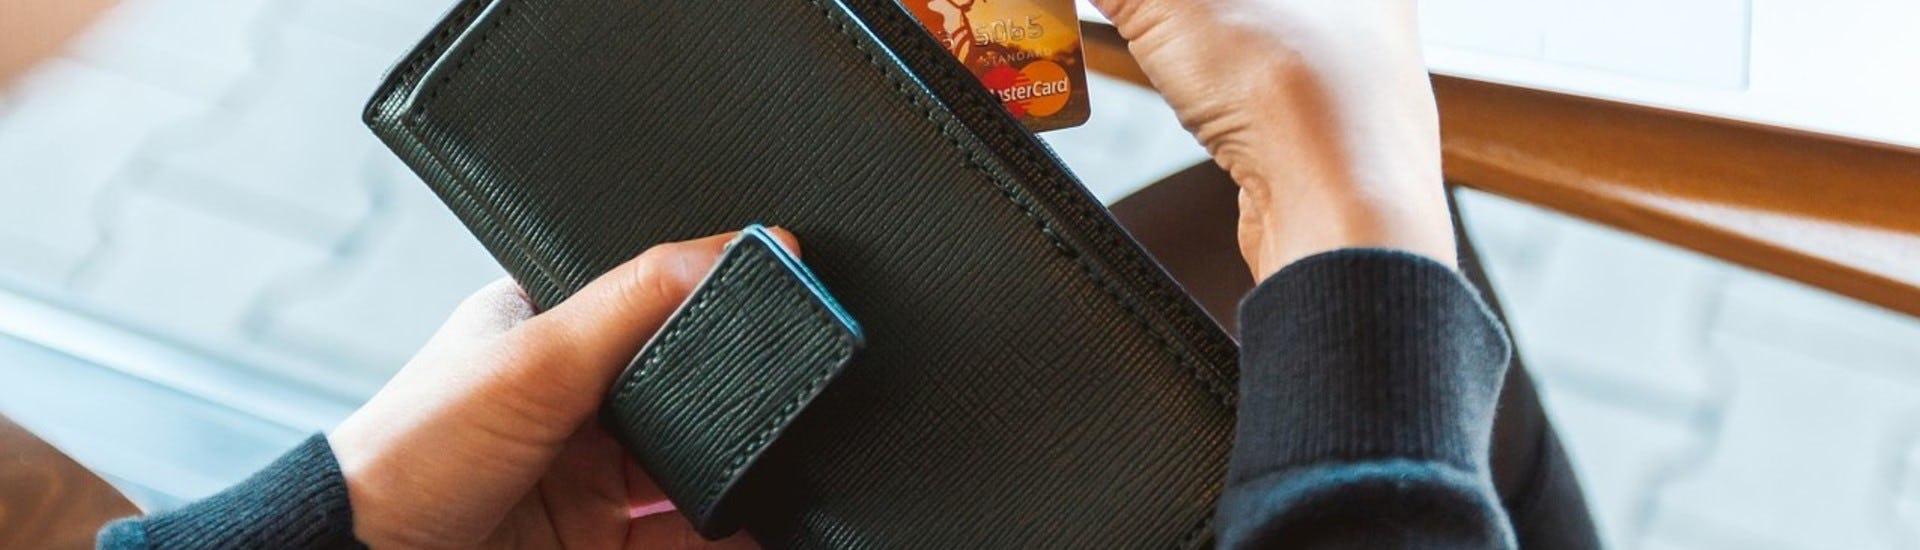 Luottokortti ja järjestelyluotto